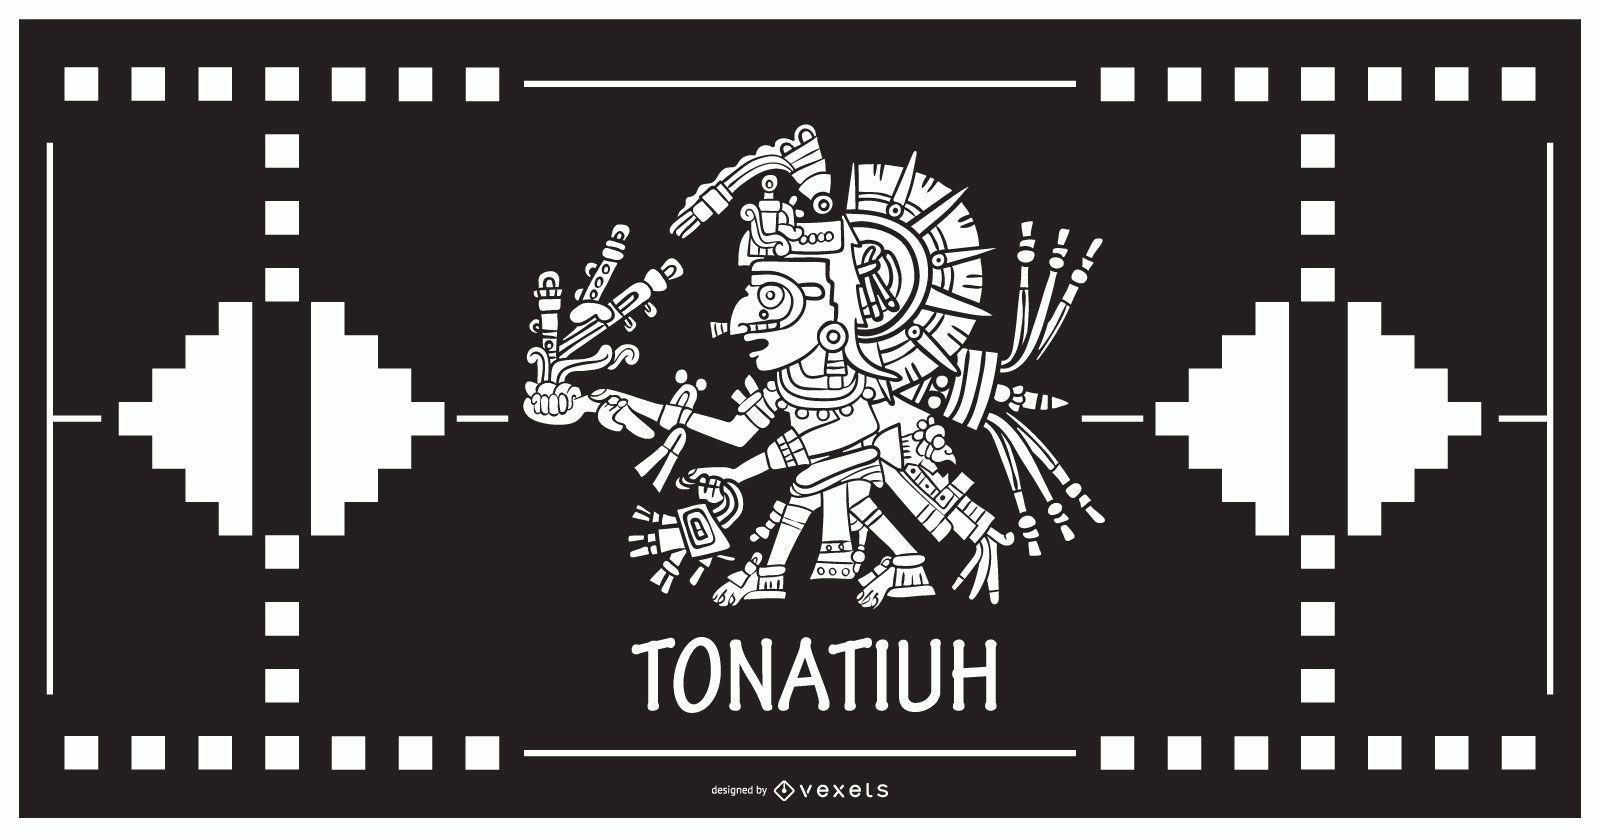 Tonatiuh aztec god design